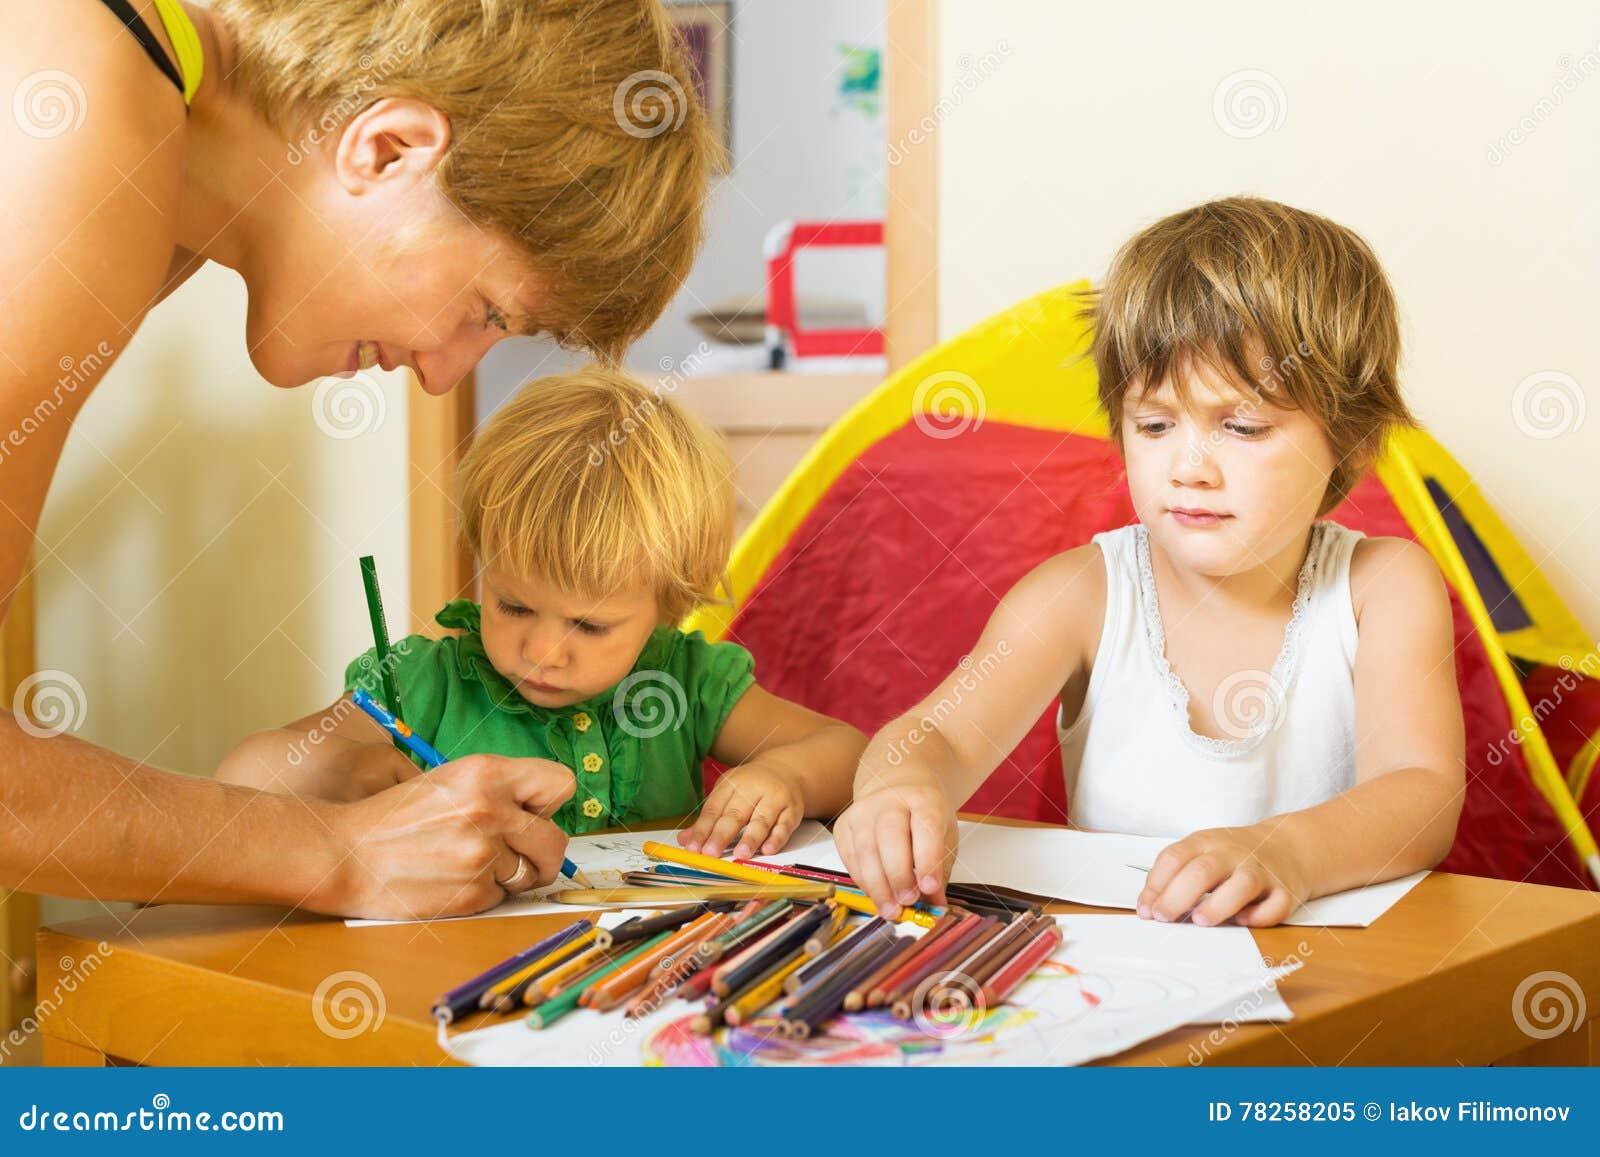 Ευτυχές οικογενειακό σχέδιο με τα μολύβια